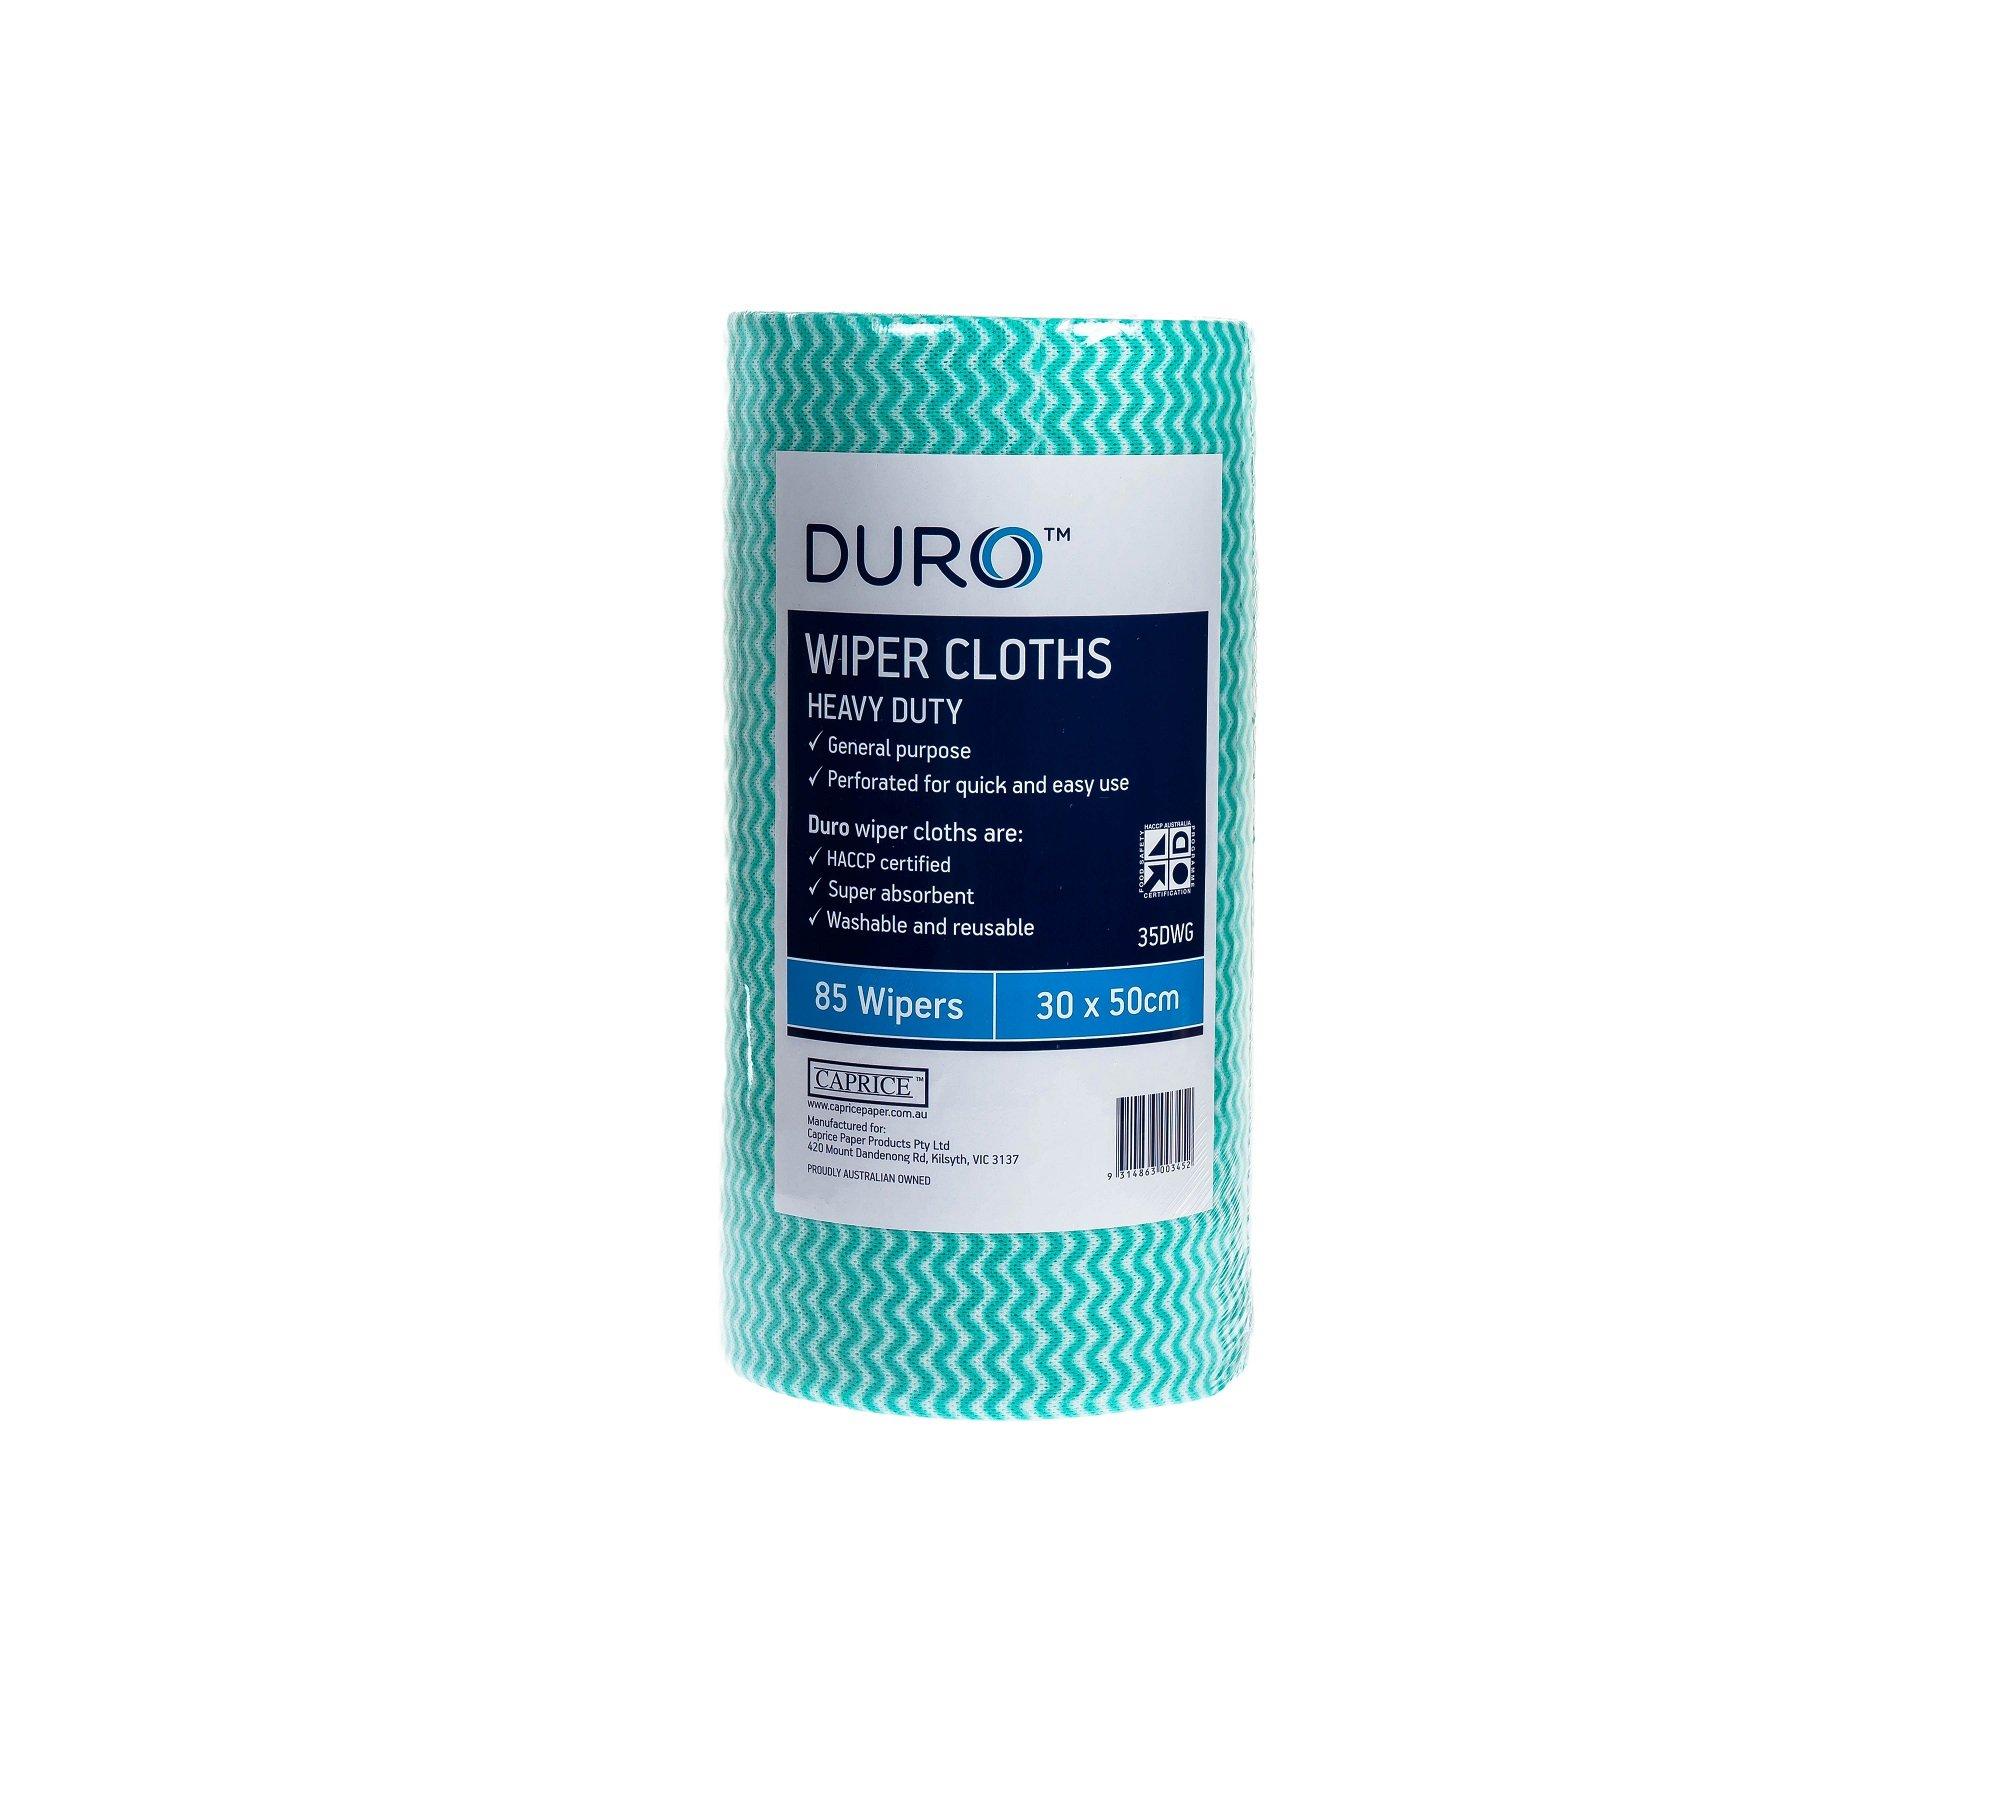 DURO WIPER ROLL HEAVY DUTY GREEN 50CMx30CM ROLL 85